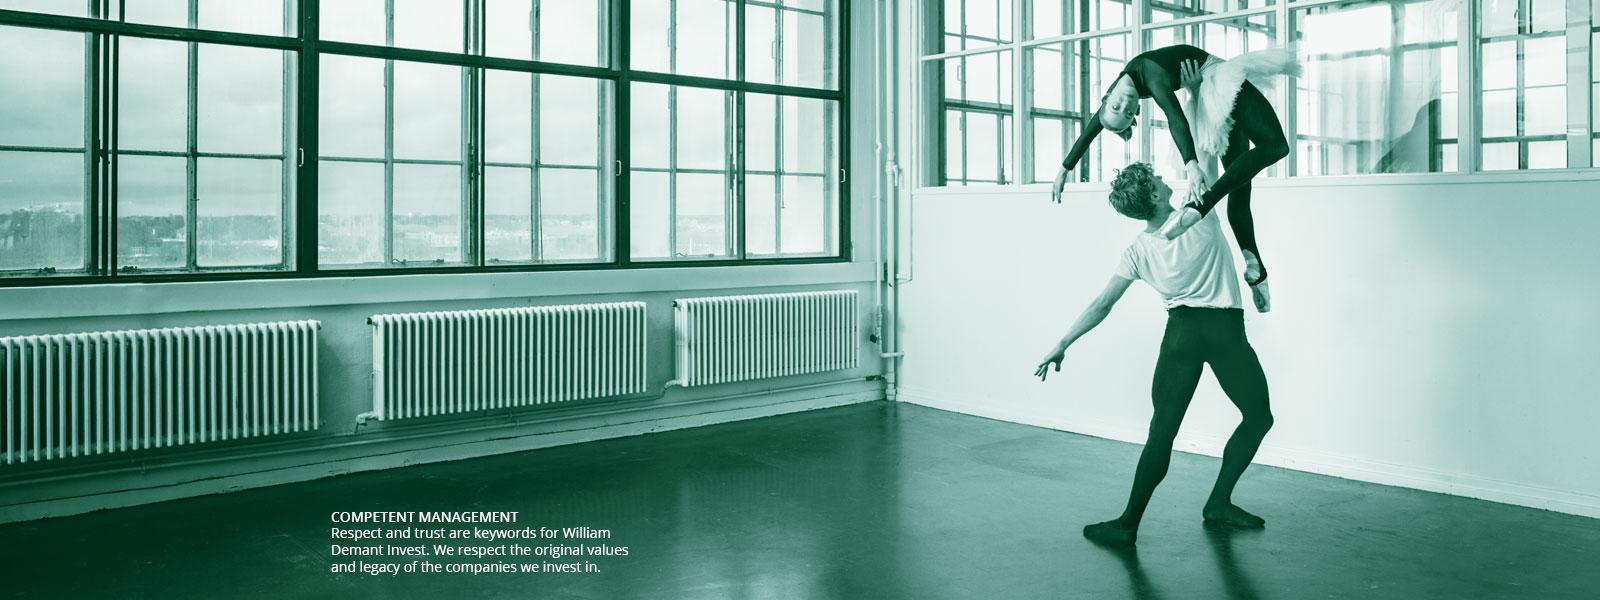 ballet-competent-management-1600x500